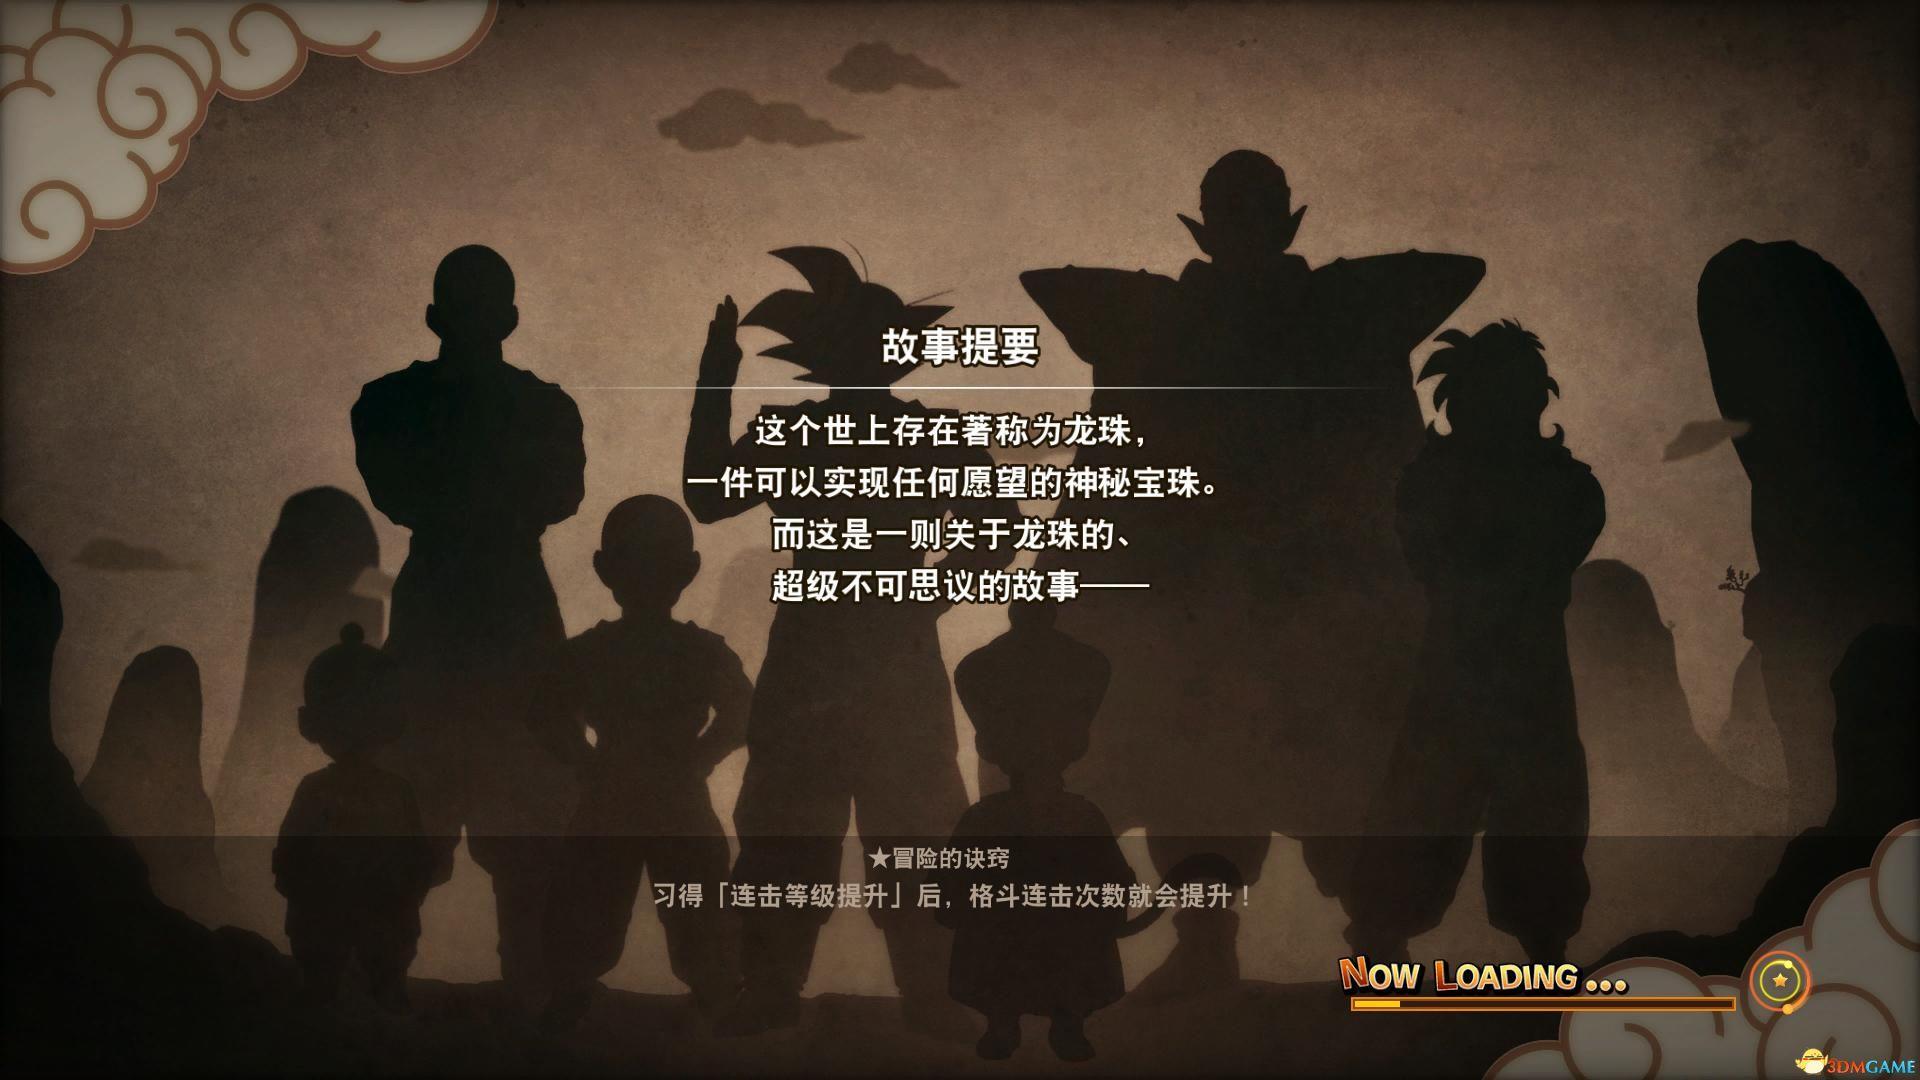 《龍珠Z:卡卡羅特》圖文攻略 上手流程要點及玩法技巧總結